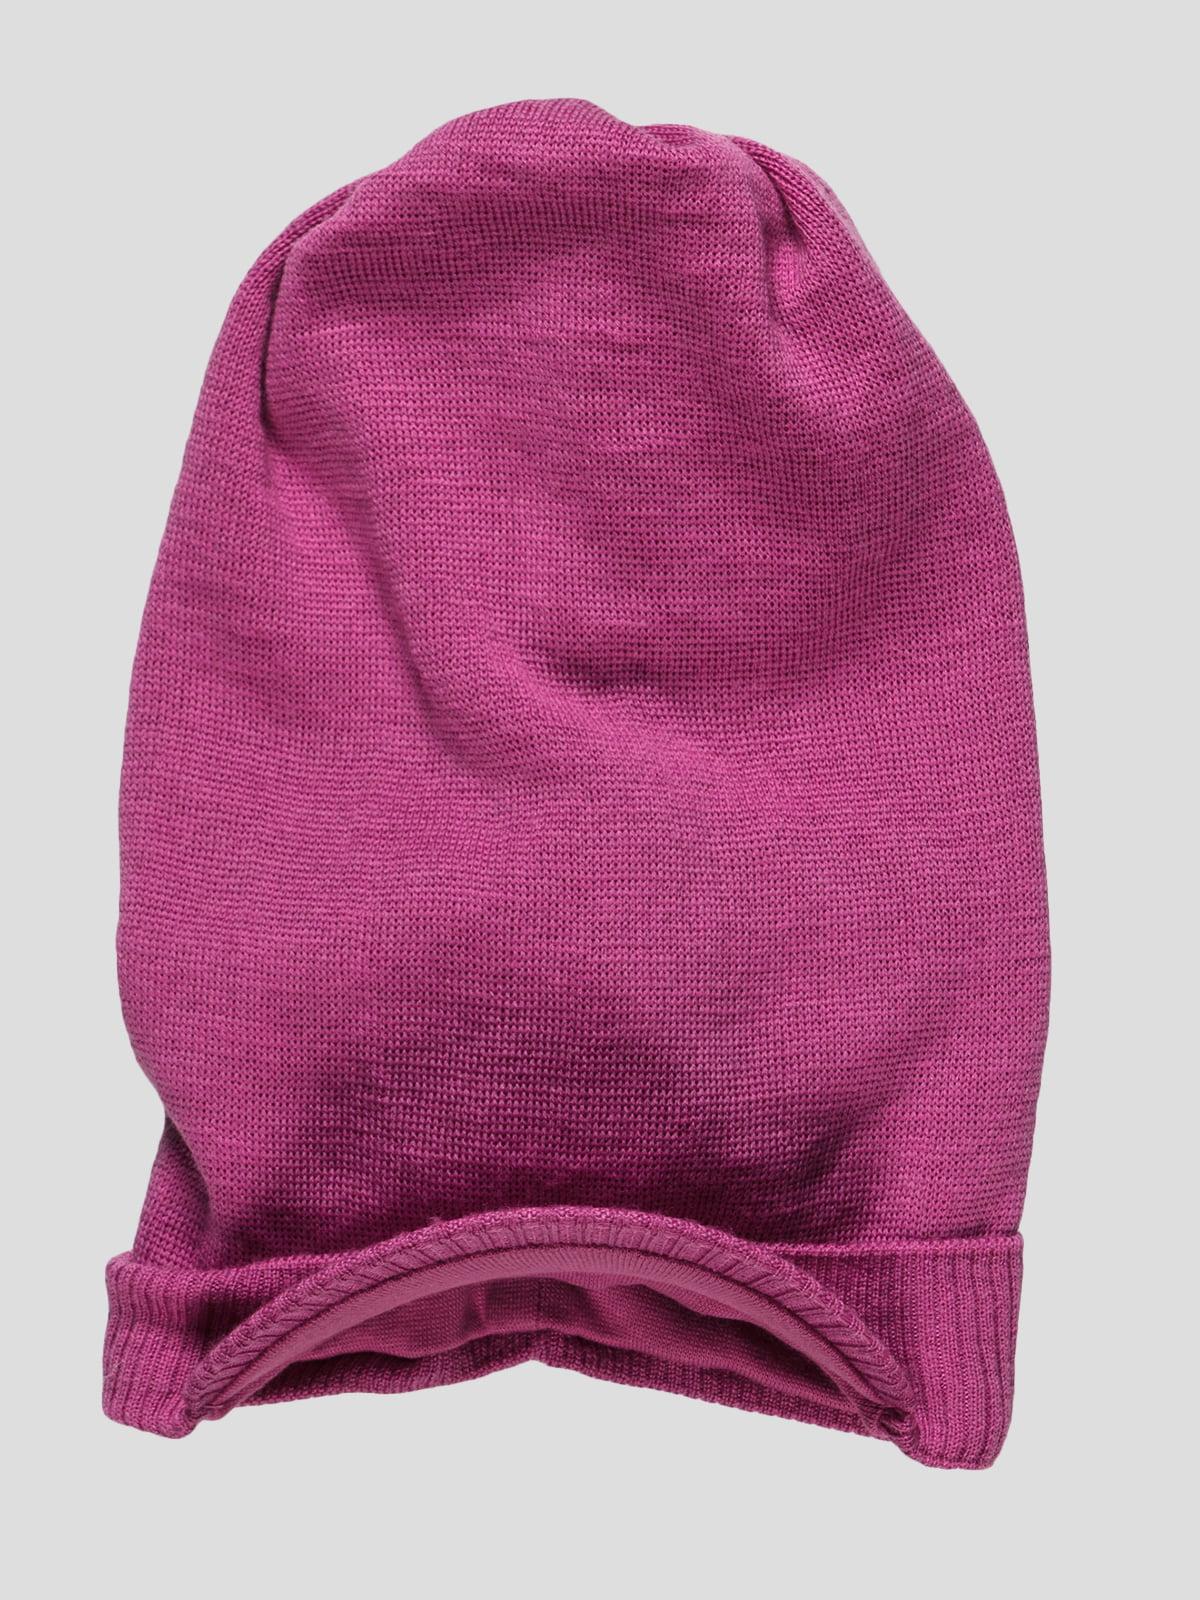 Шапка рожева   34875